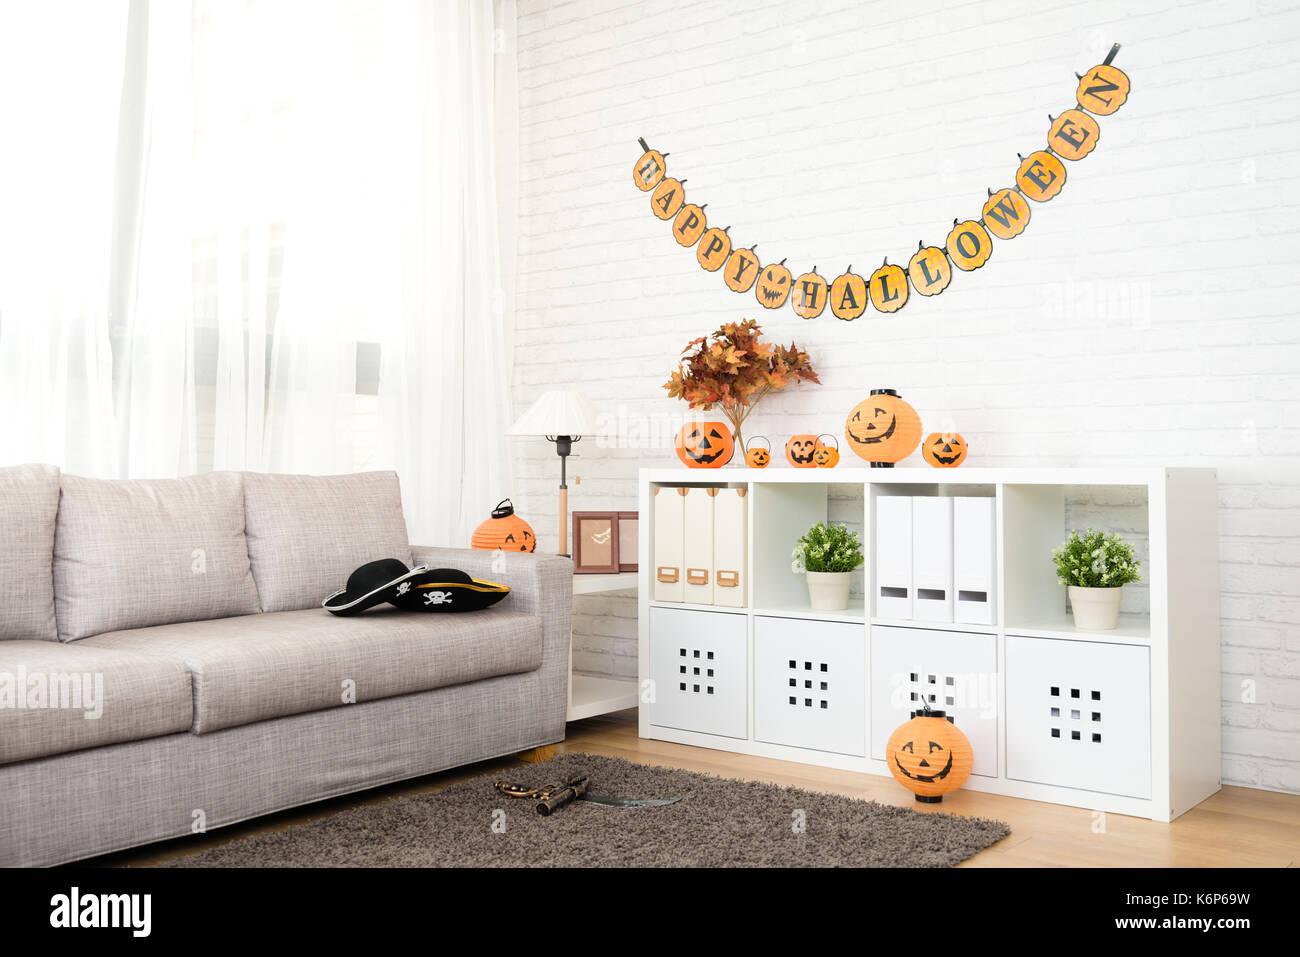 Leer keine Personen Wohnzimmer mit Halloween Dekoration für ...